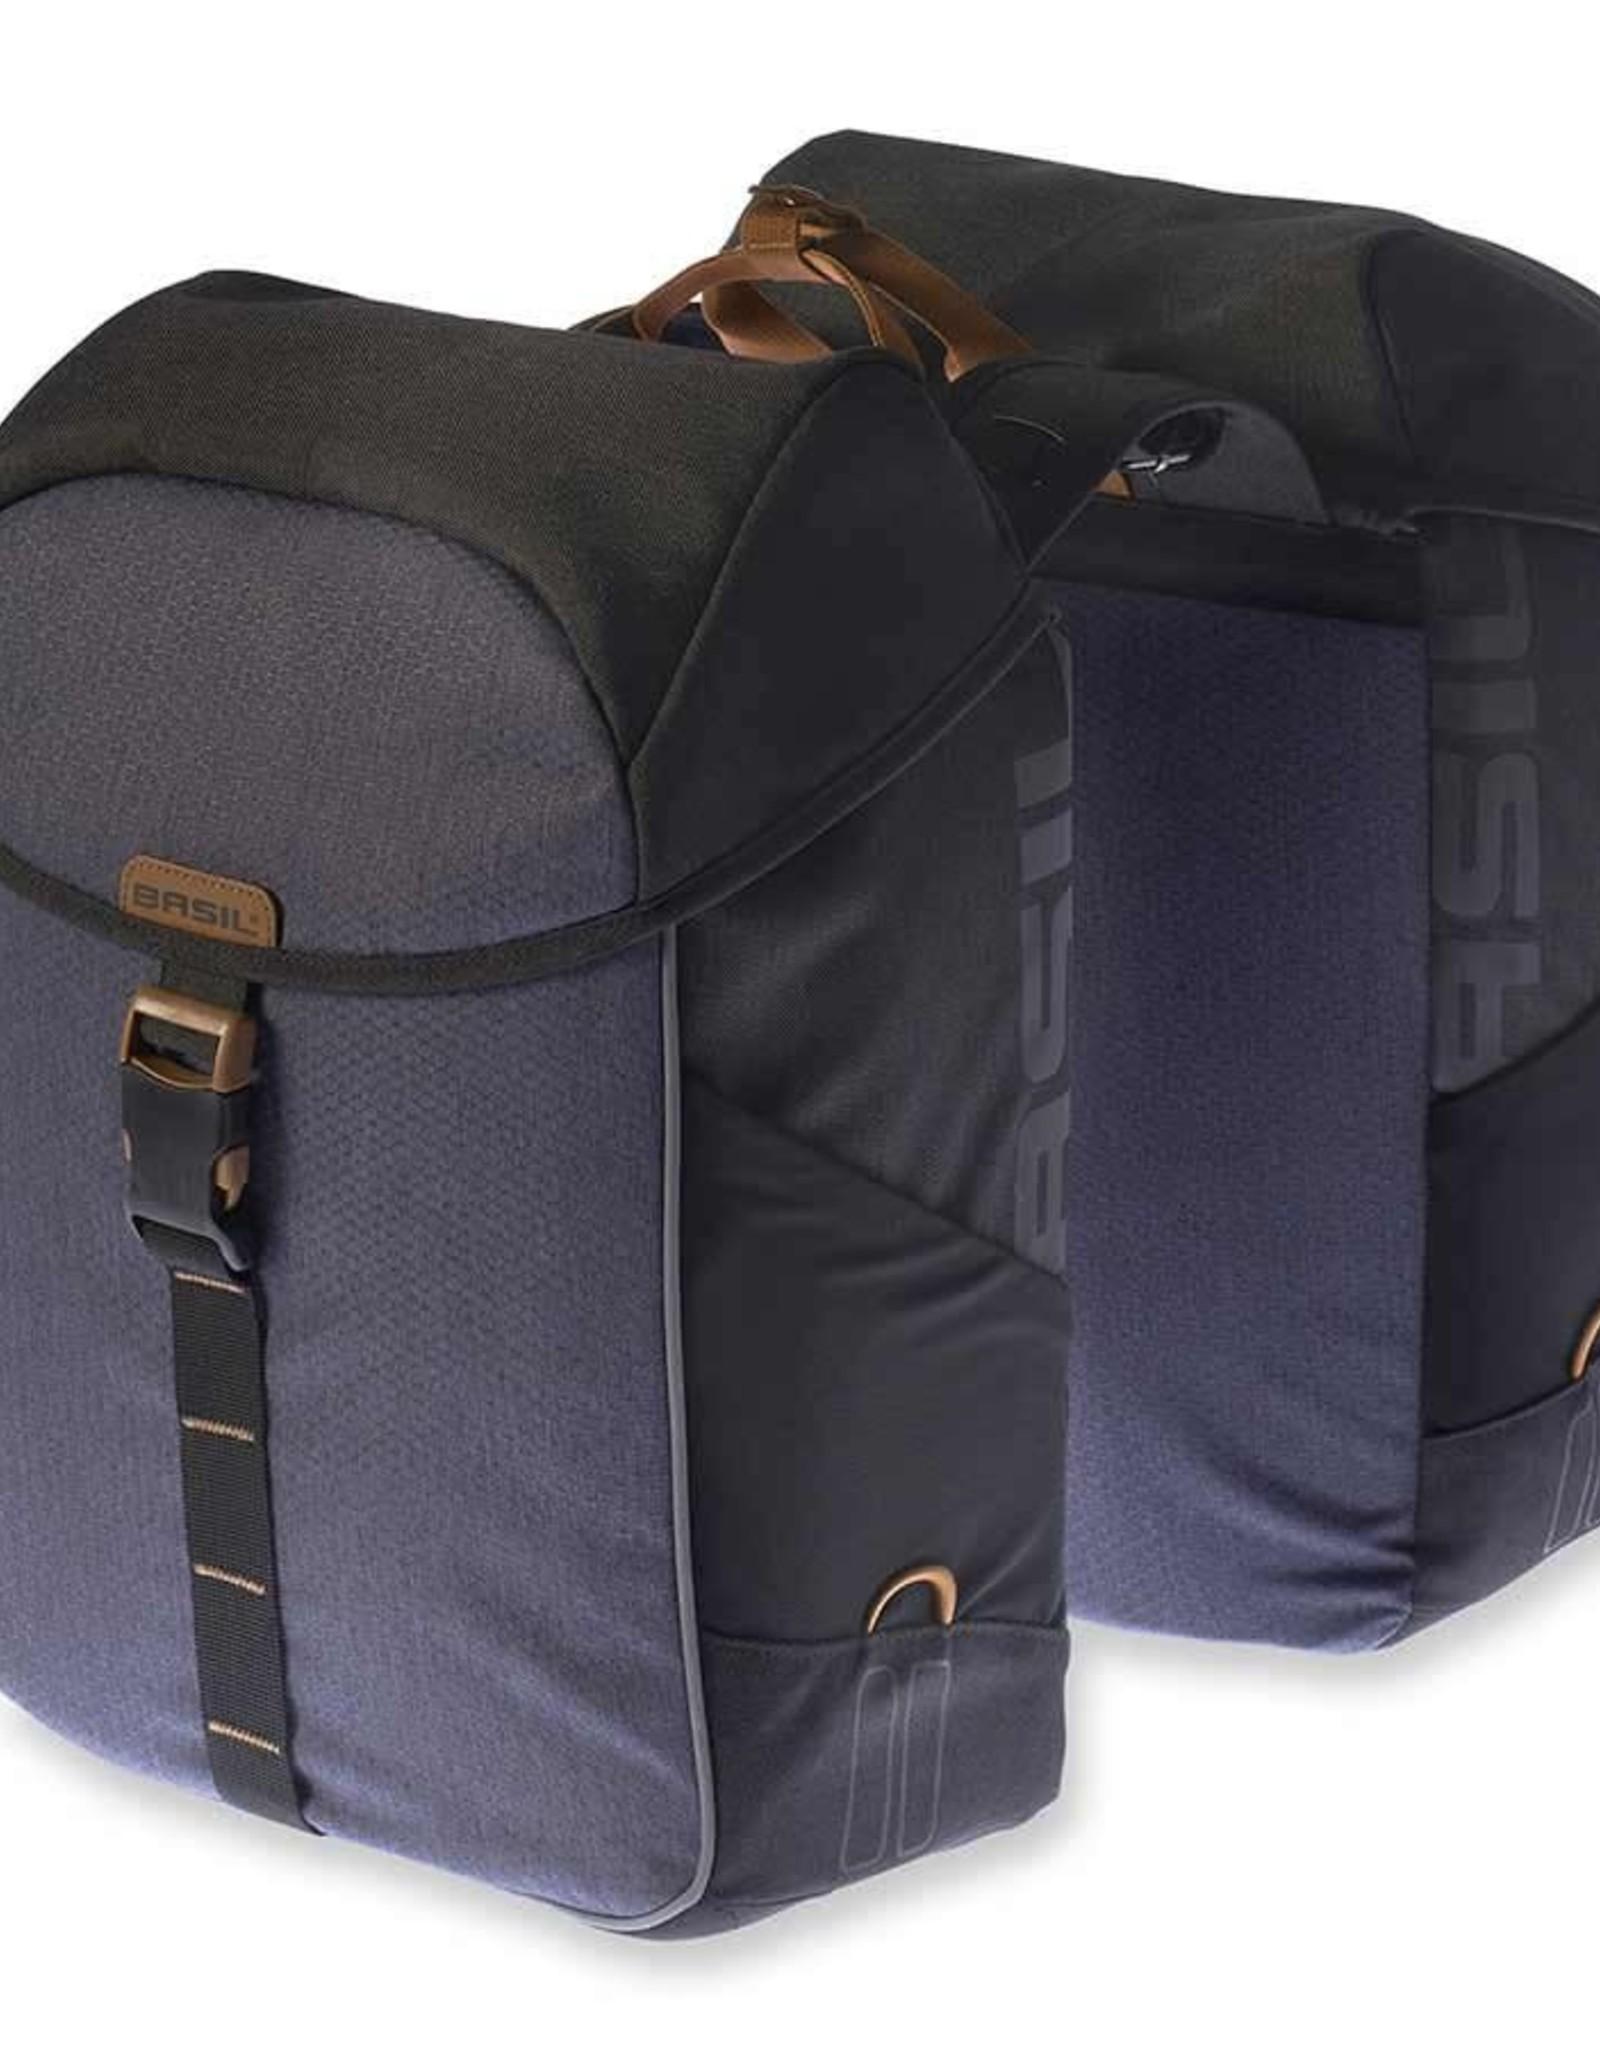 Basil, Miles Double Bag, Sacoche, 34L, Noir